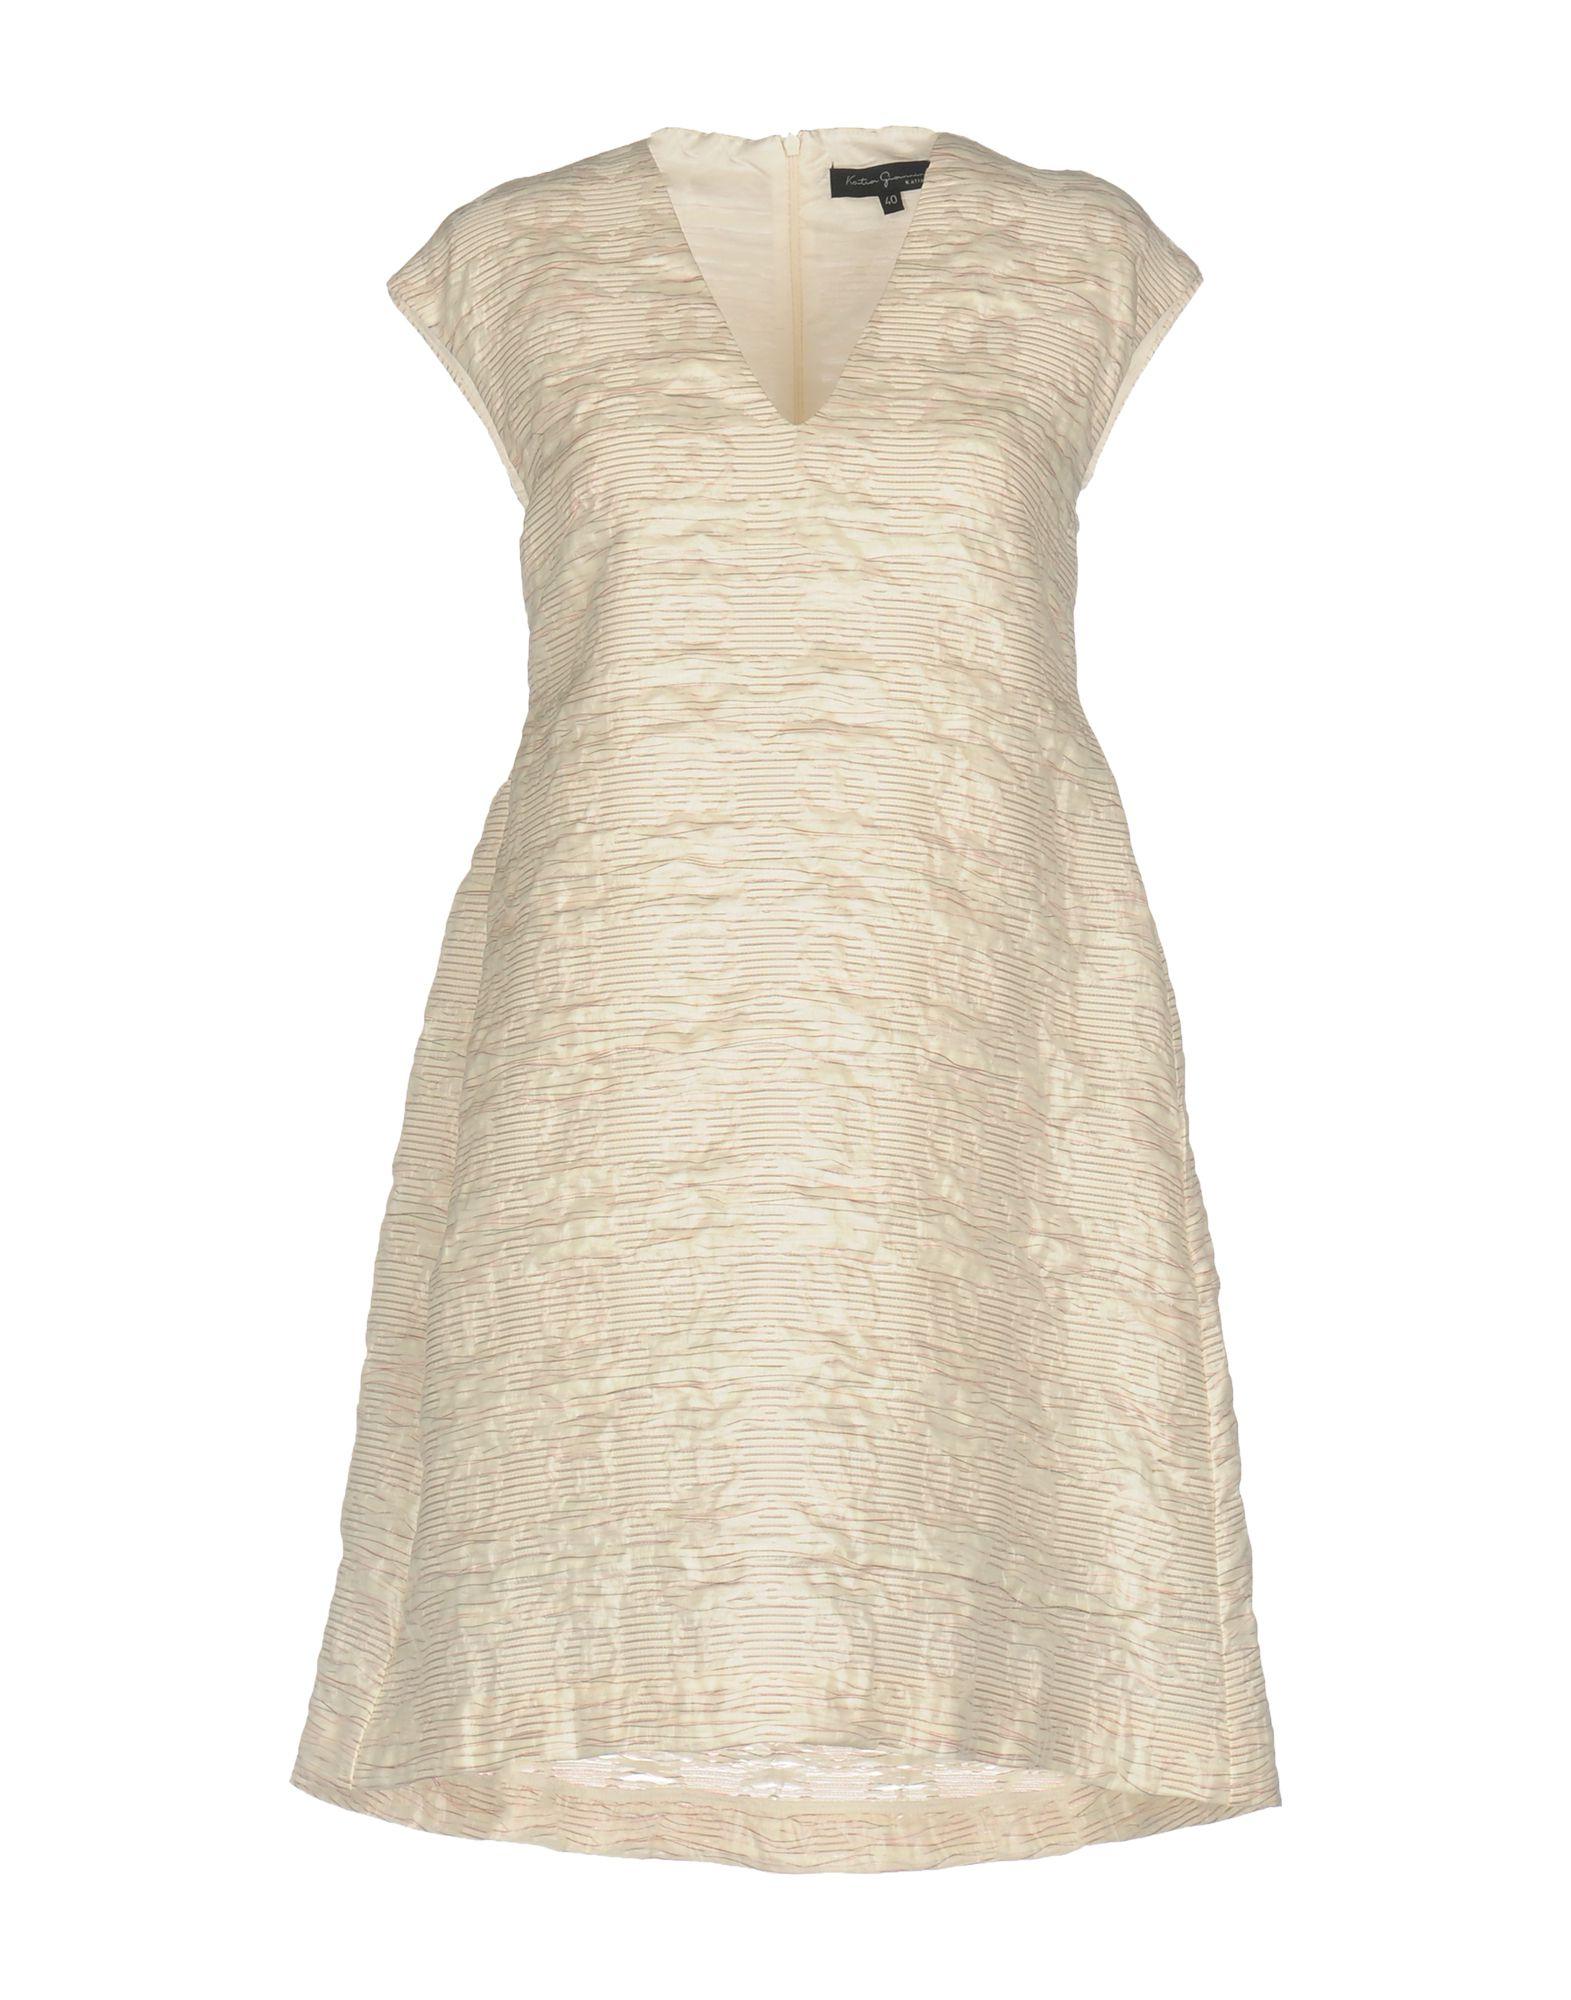 KATIA G. Damen Kurzes Kleid Farbe Elfenbein Größe 5 - broschei